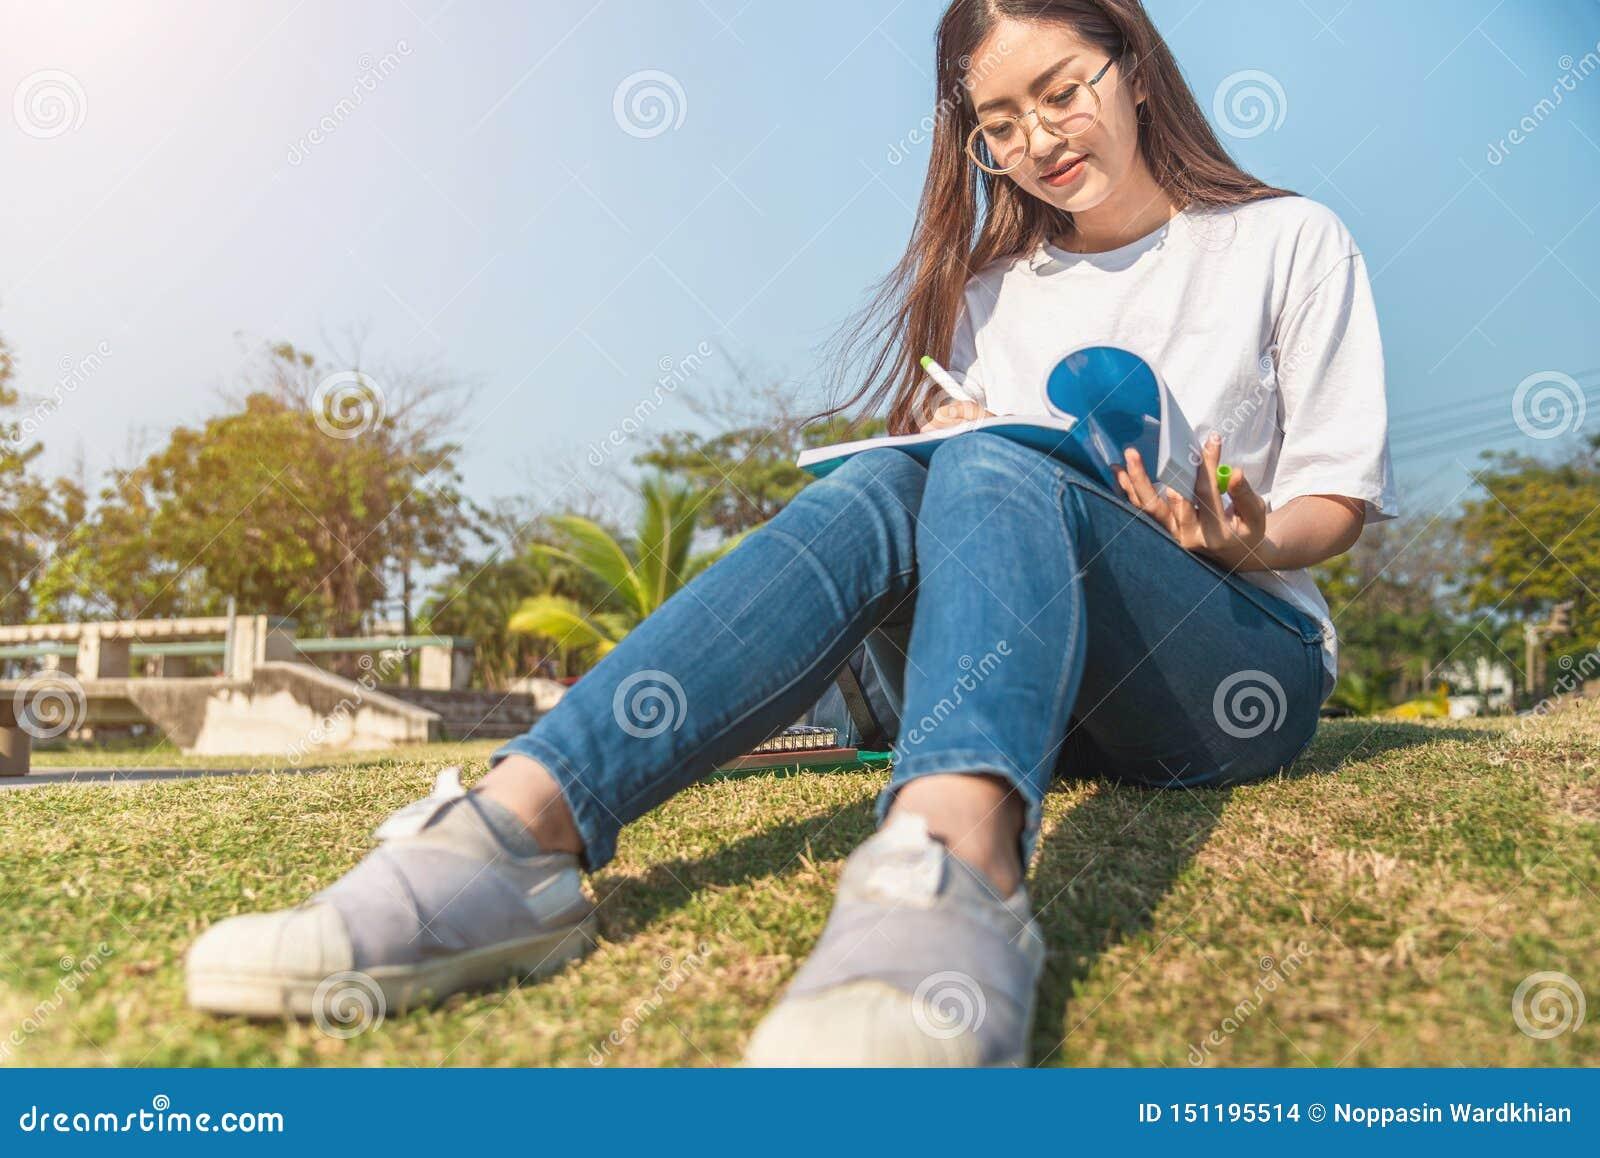 Sch?nes M?dchen im Herbstwald ein Buch lesend bedeckt mit einer warmen Decke eine Frau sitzt nahe einem Baum in einem Sommerwald